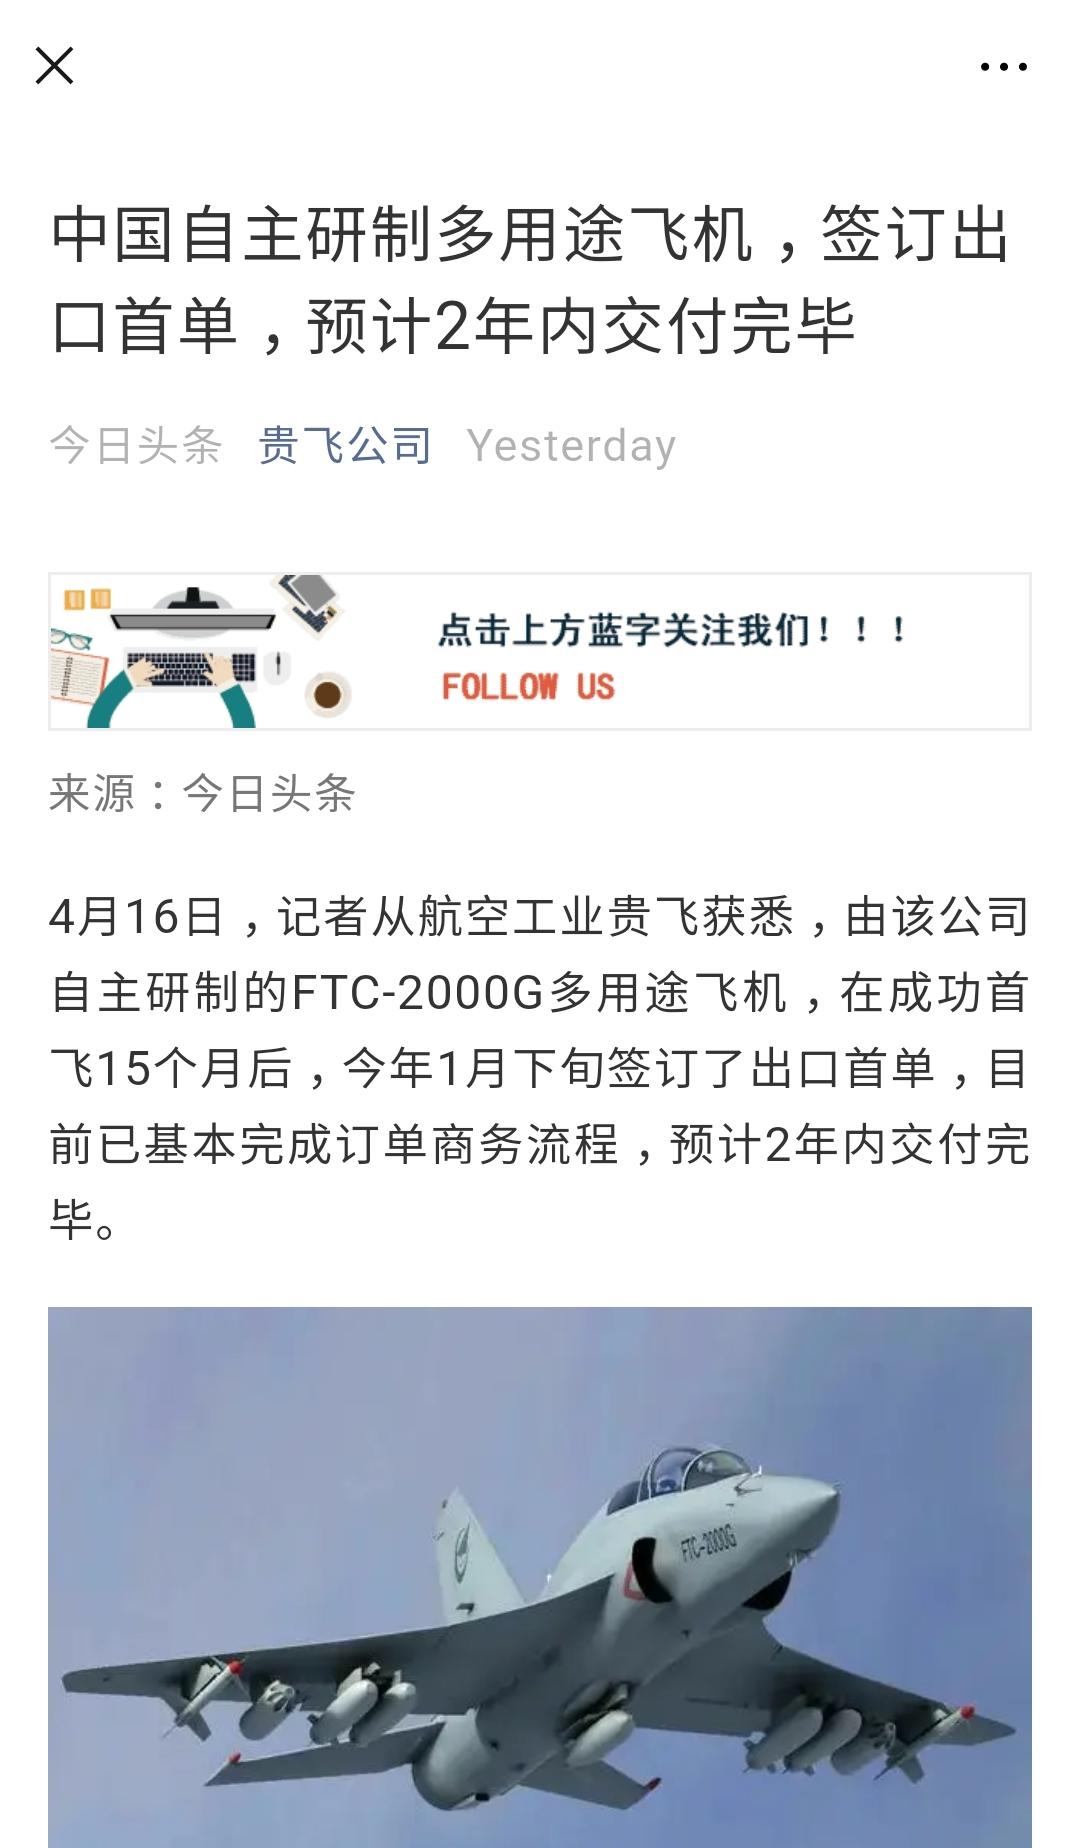 بلد في جنوب شرق اسيا يطلب شراء طائرات FTC-2000G  للتدريب المتقدم الصينيه  Screenshot_202WeChat